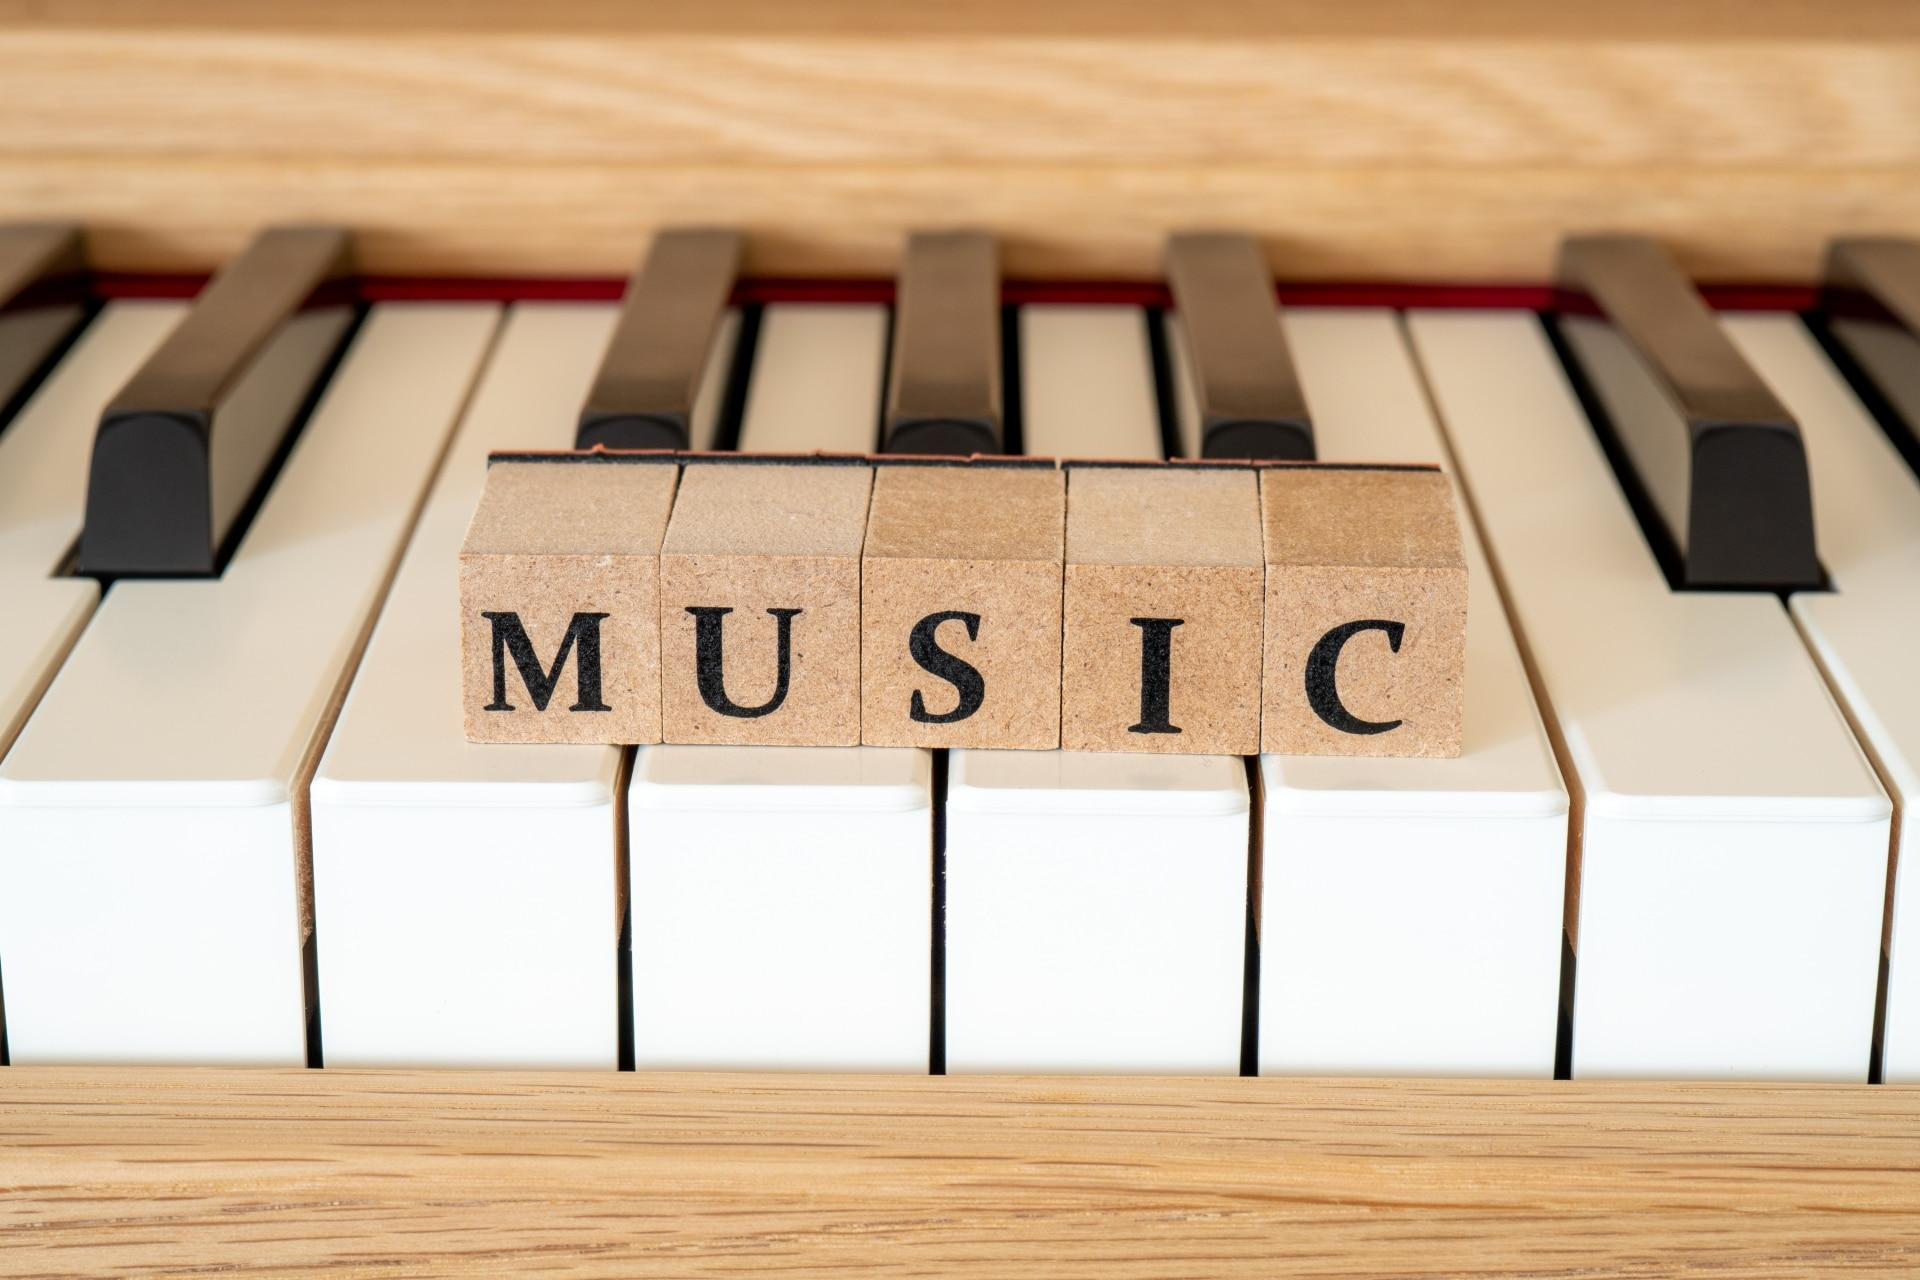 MUSICの文字